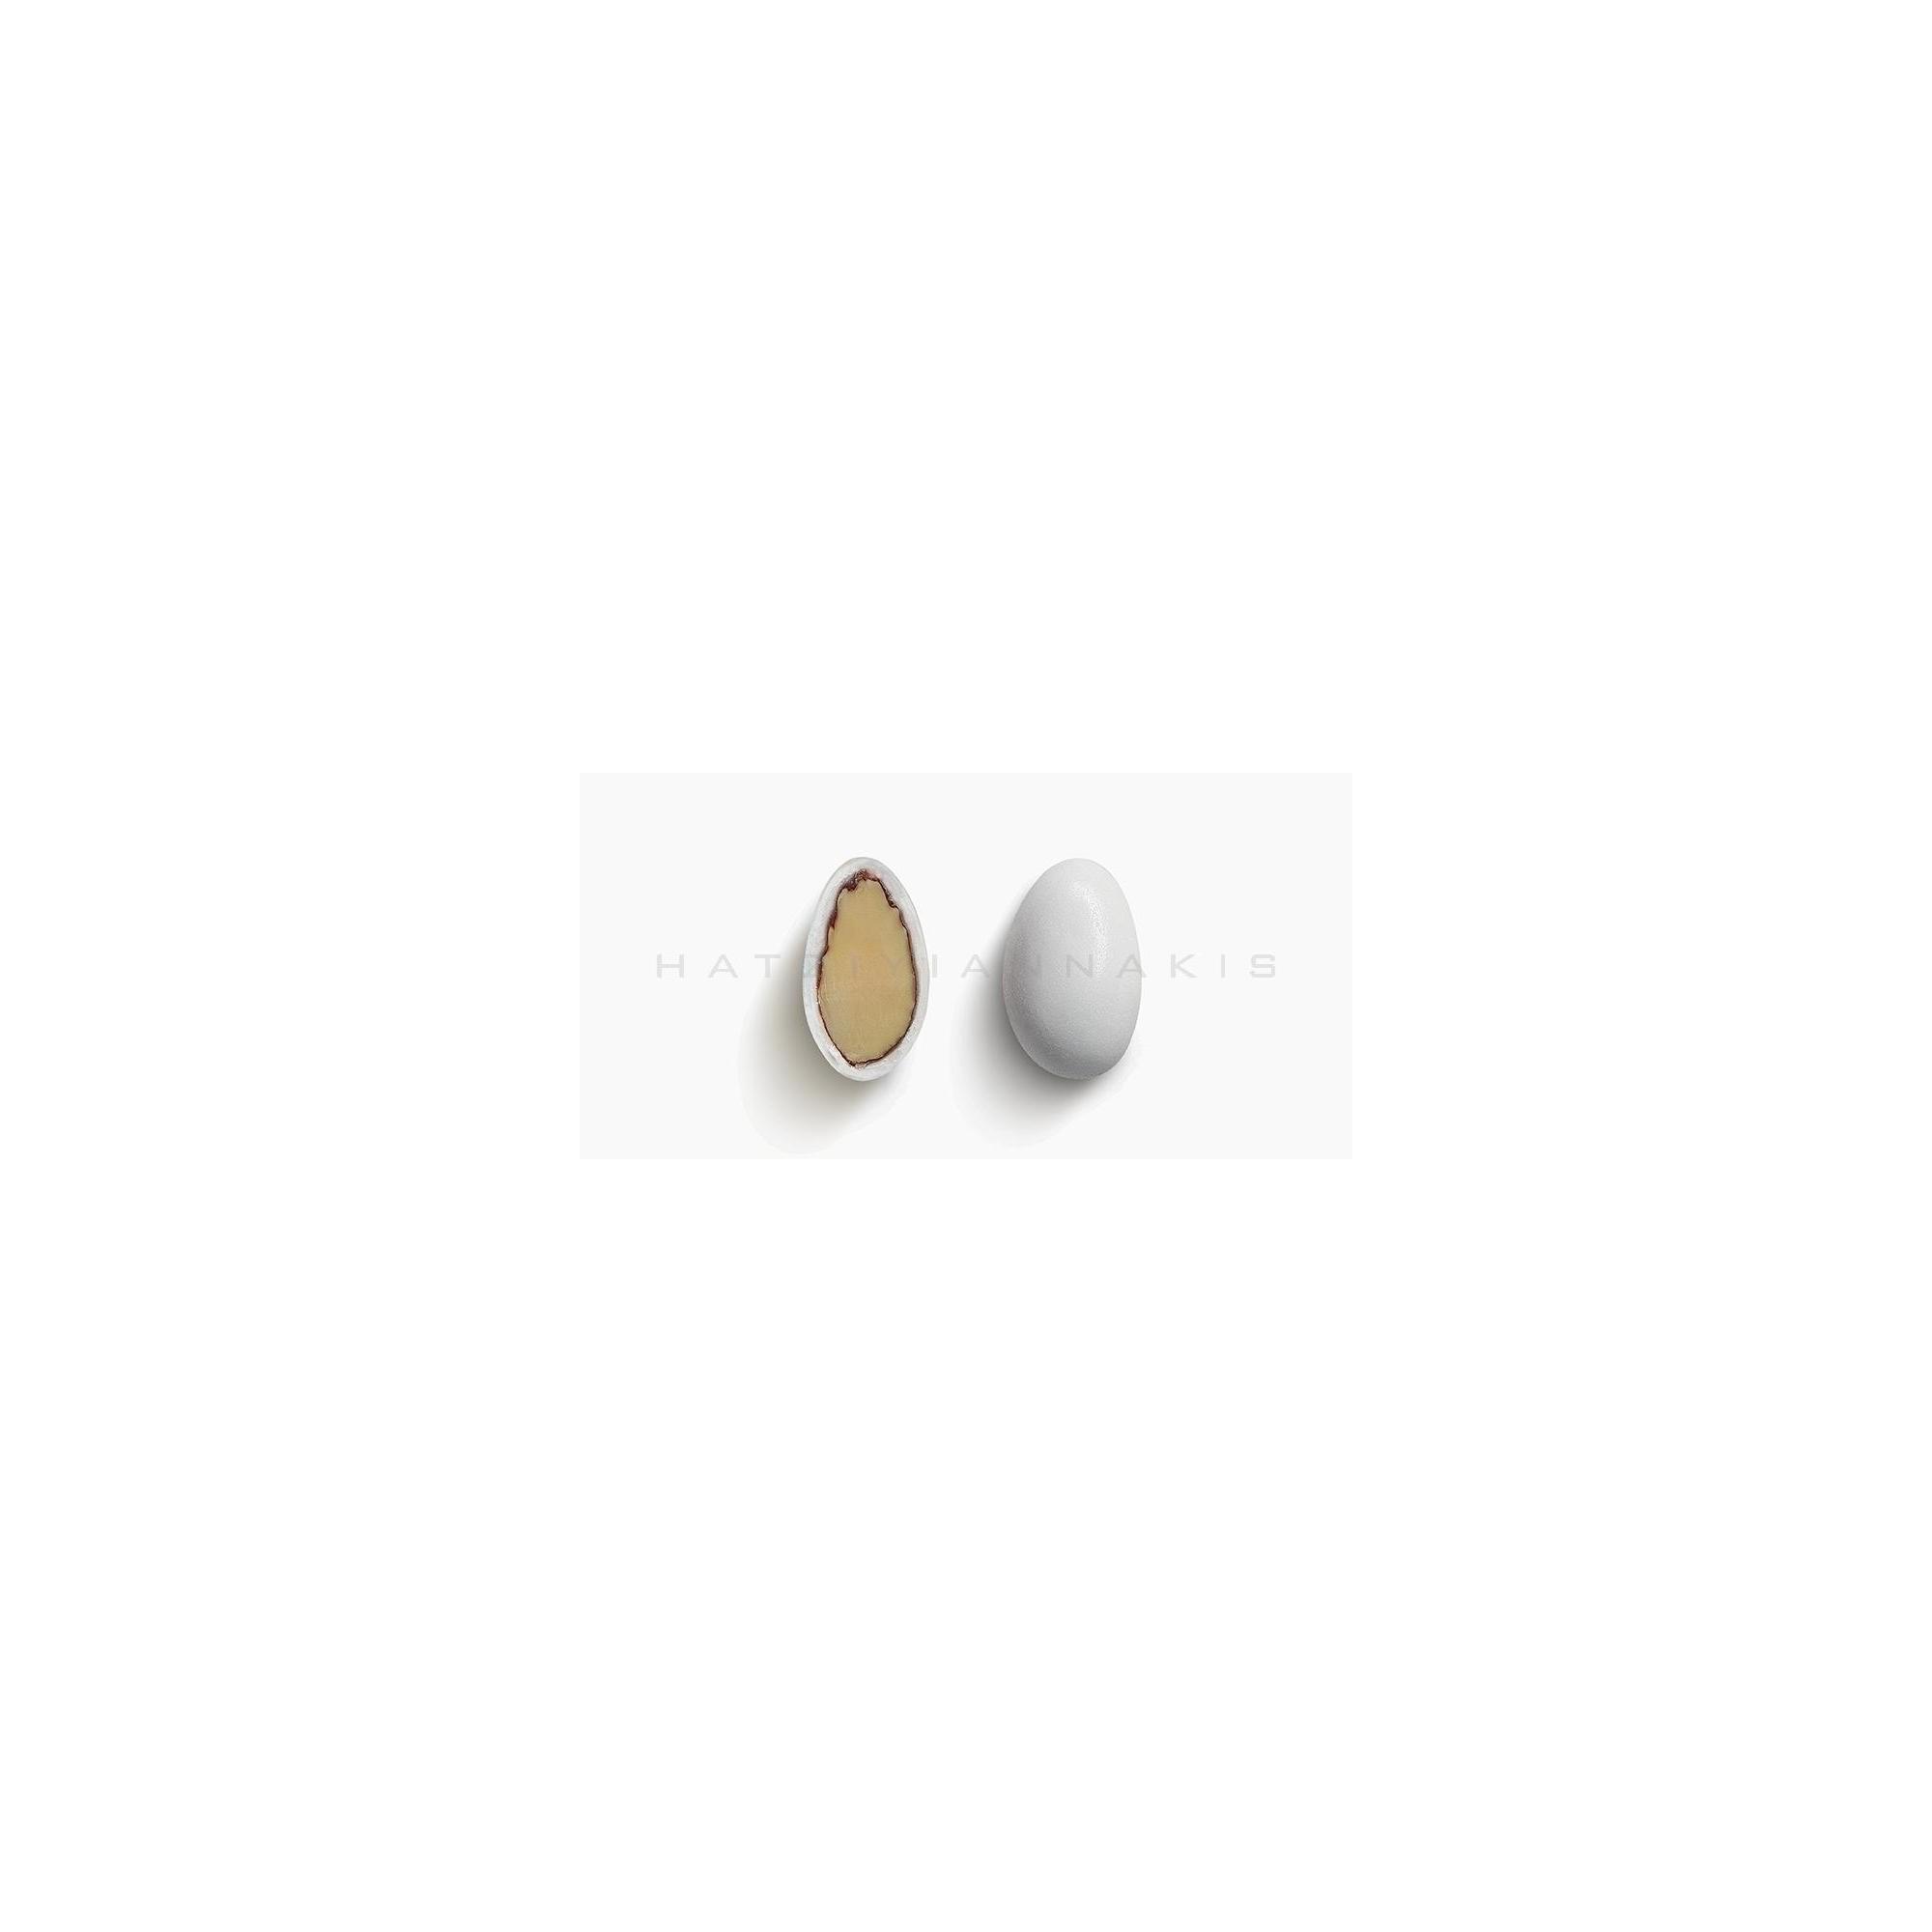 Κουφέτο Αμυγδάλου Κλασσικό 4kg - LWG-X1006-4